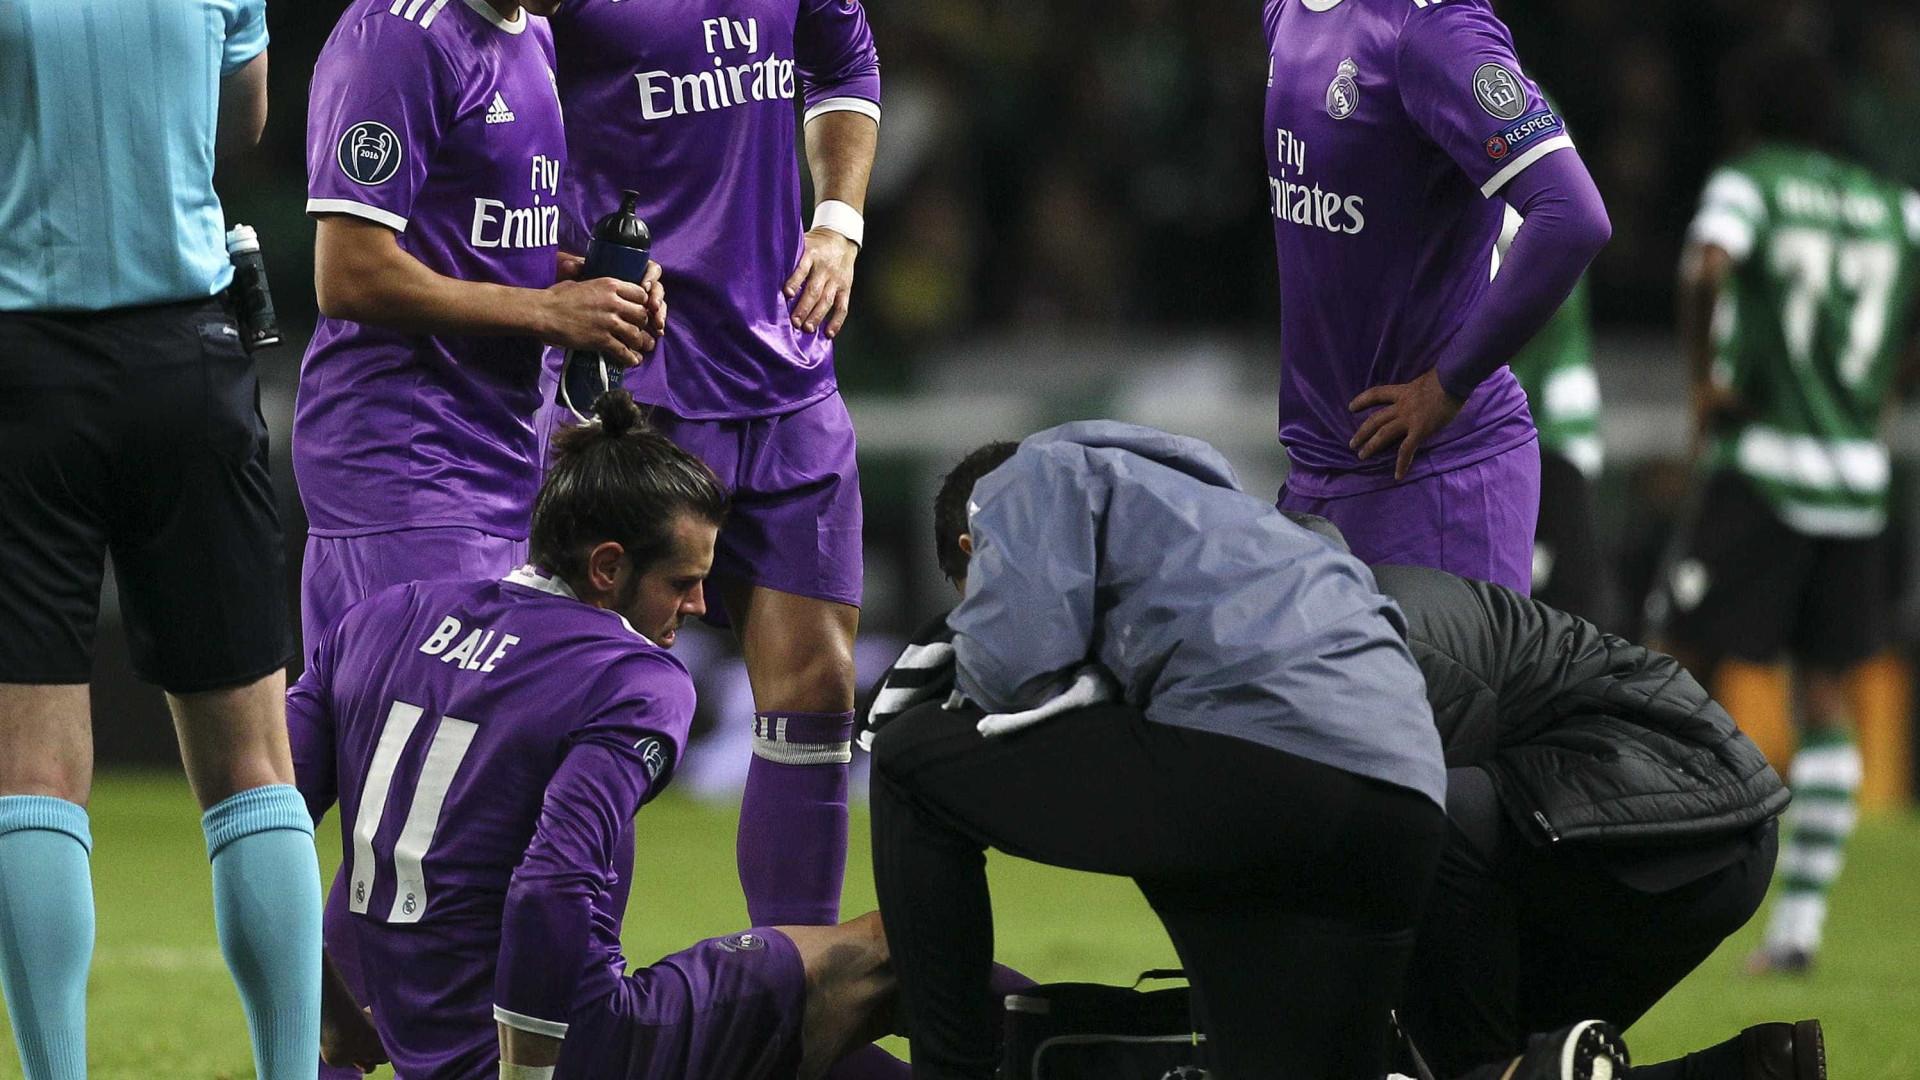 Lesão de Bale é mais grave do que se esperava